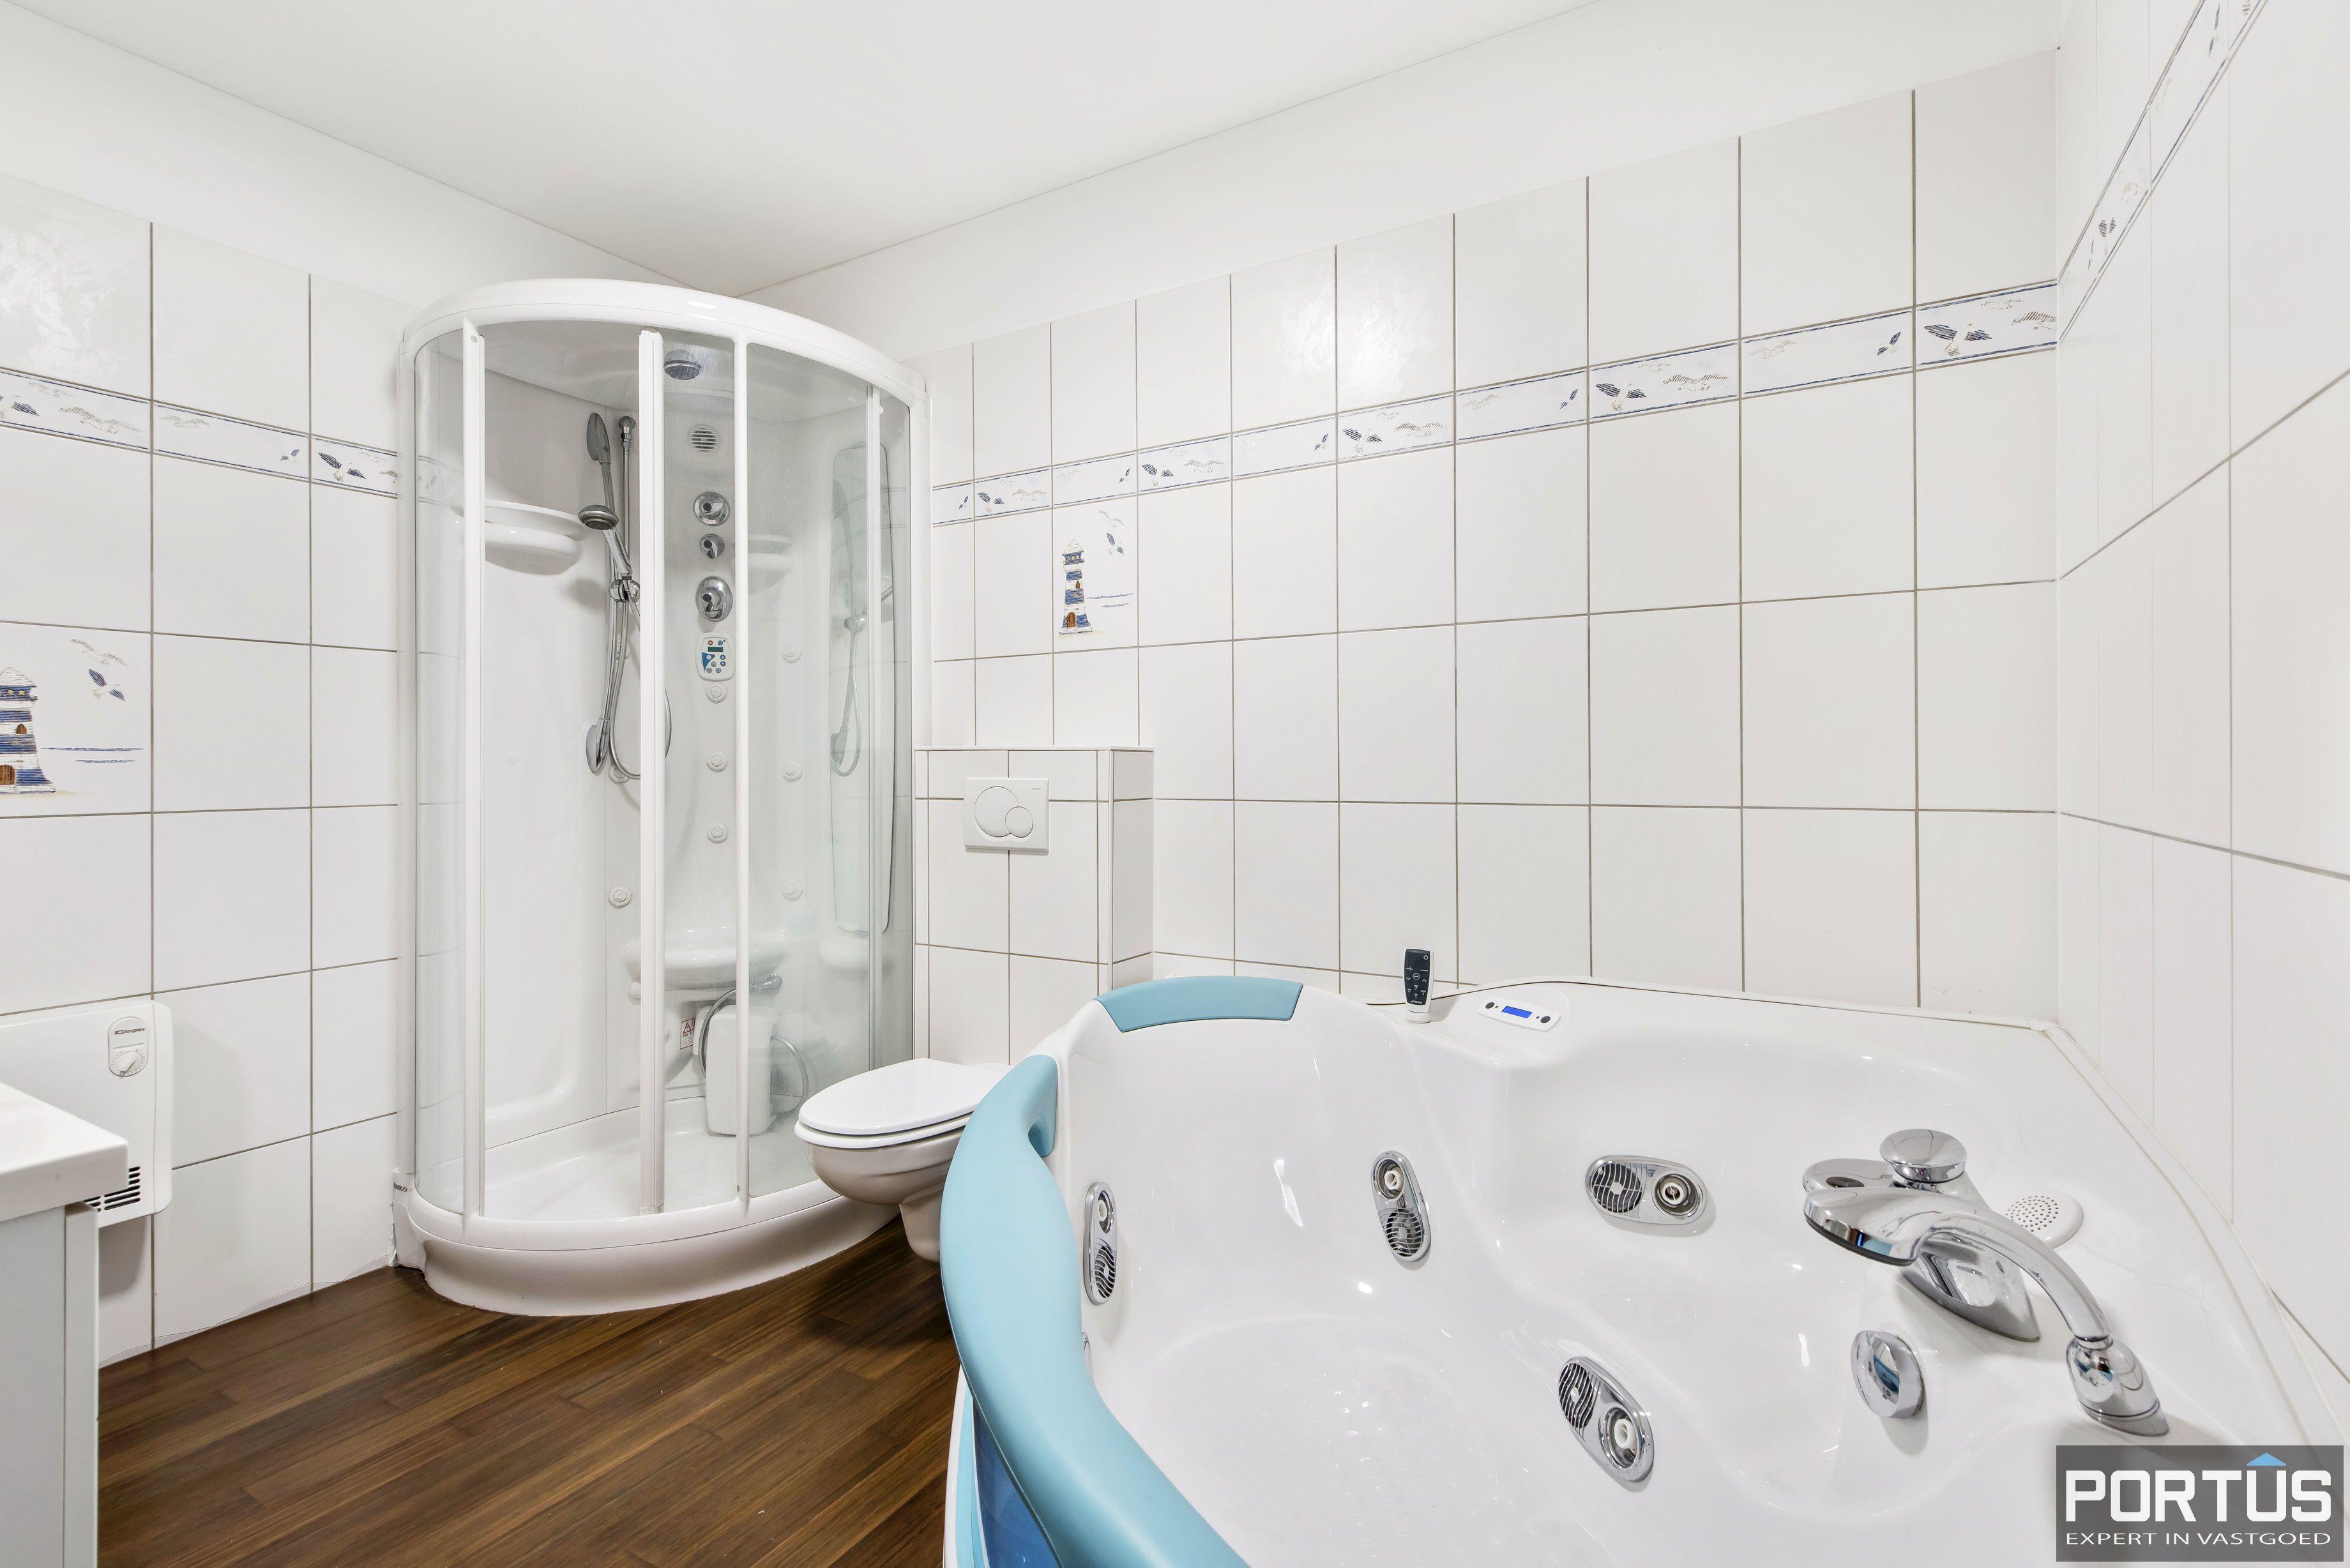 Gelijkvloers appartement te koop met 2 slaapkamers en privé tuin - 9842